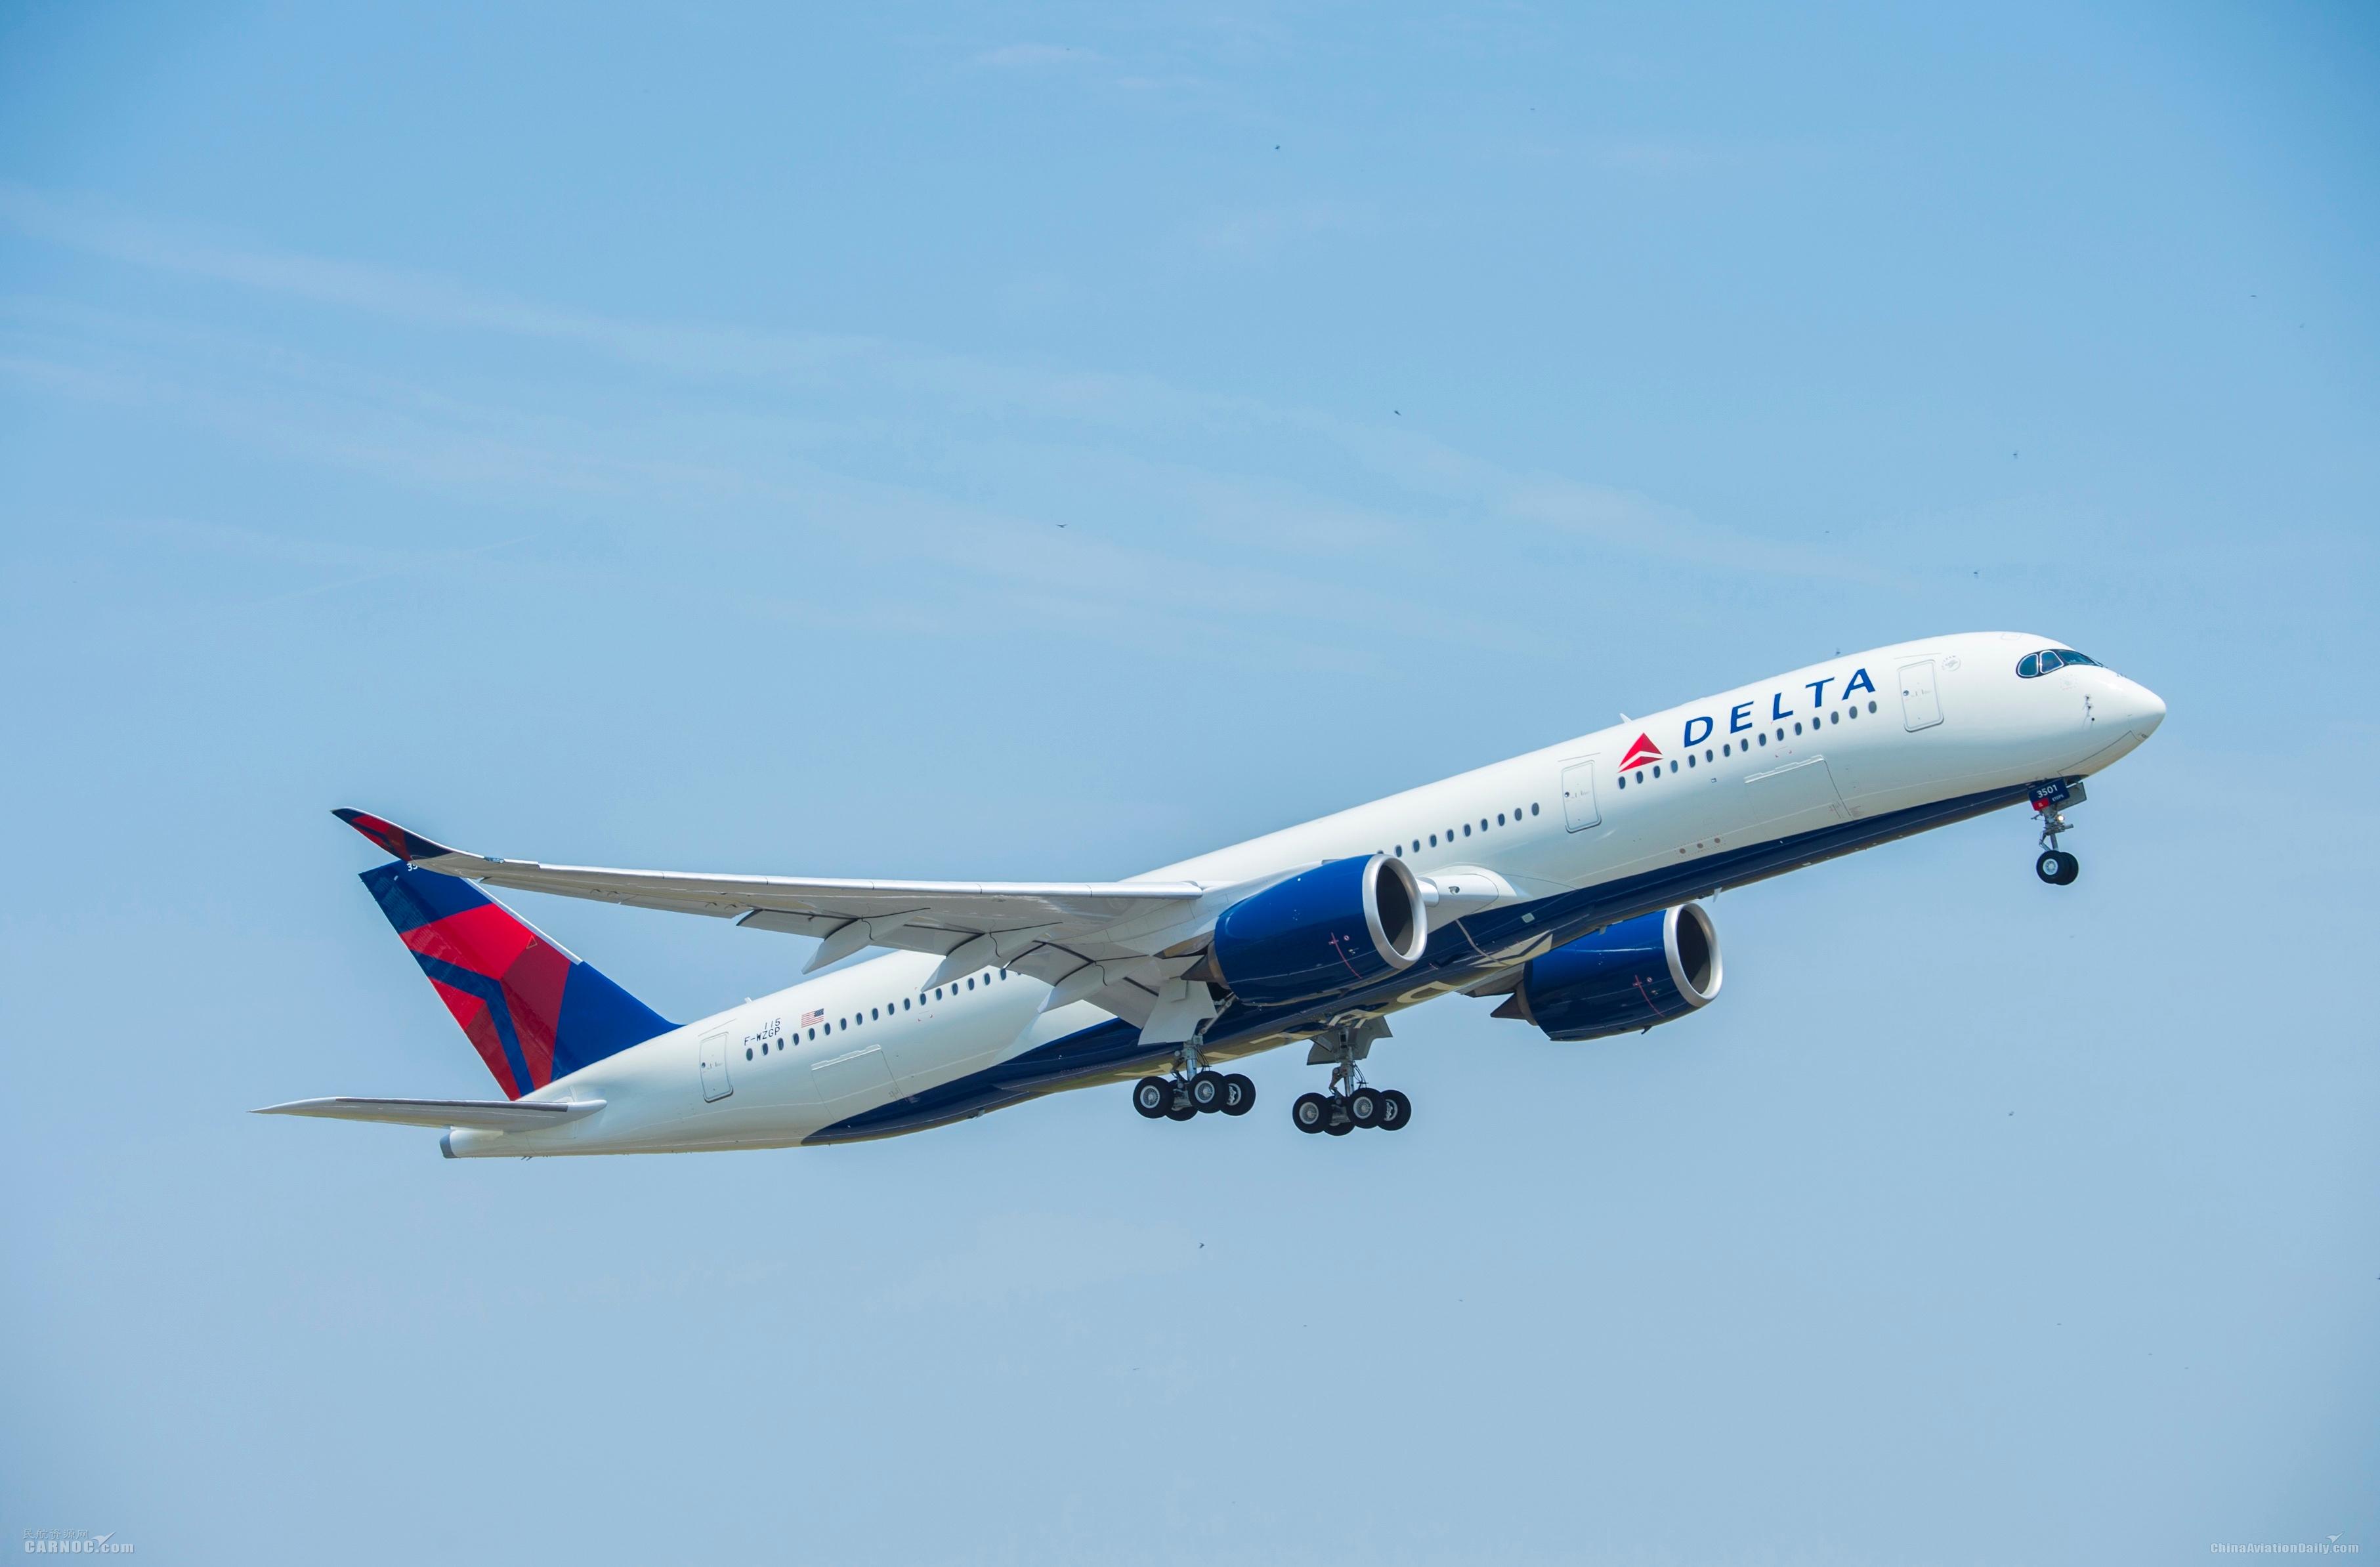 达美航空12月2日起恢复美国至中国直飞航班